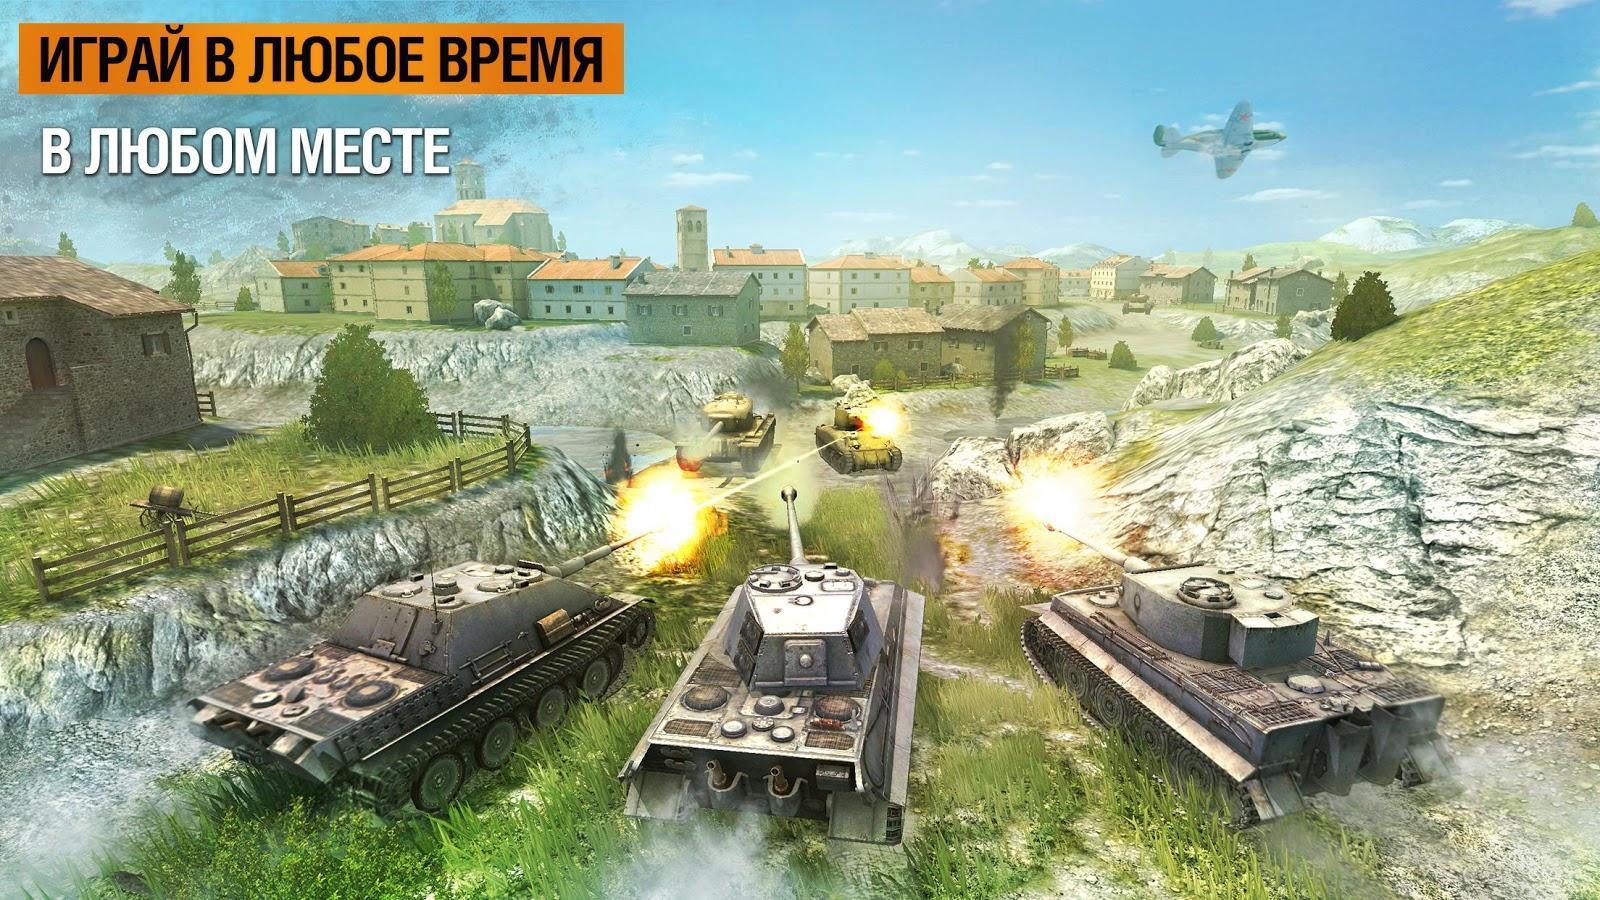 Официальный выход world of tanks blitz! Краткое руководство.